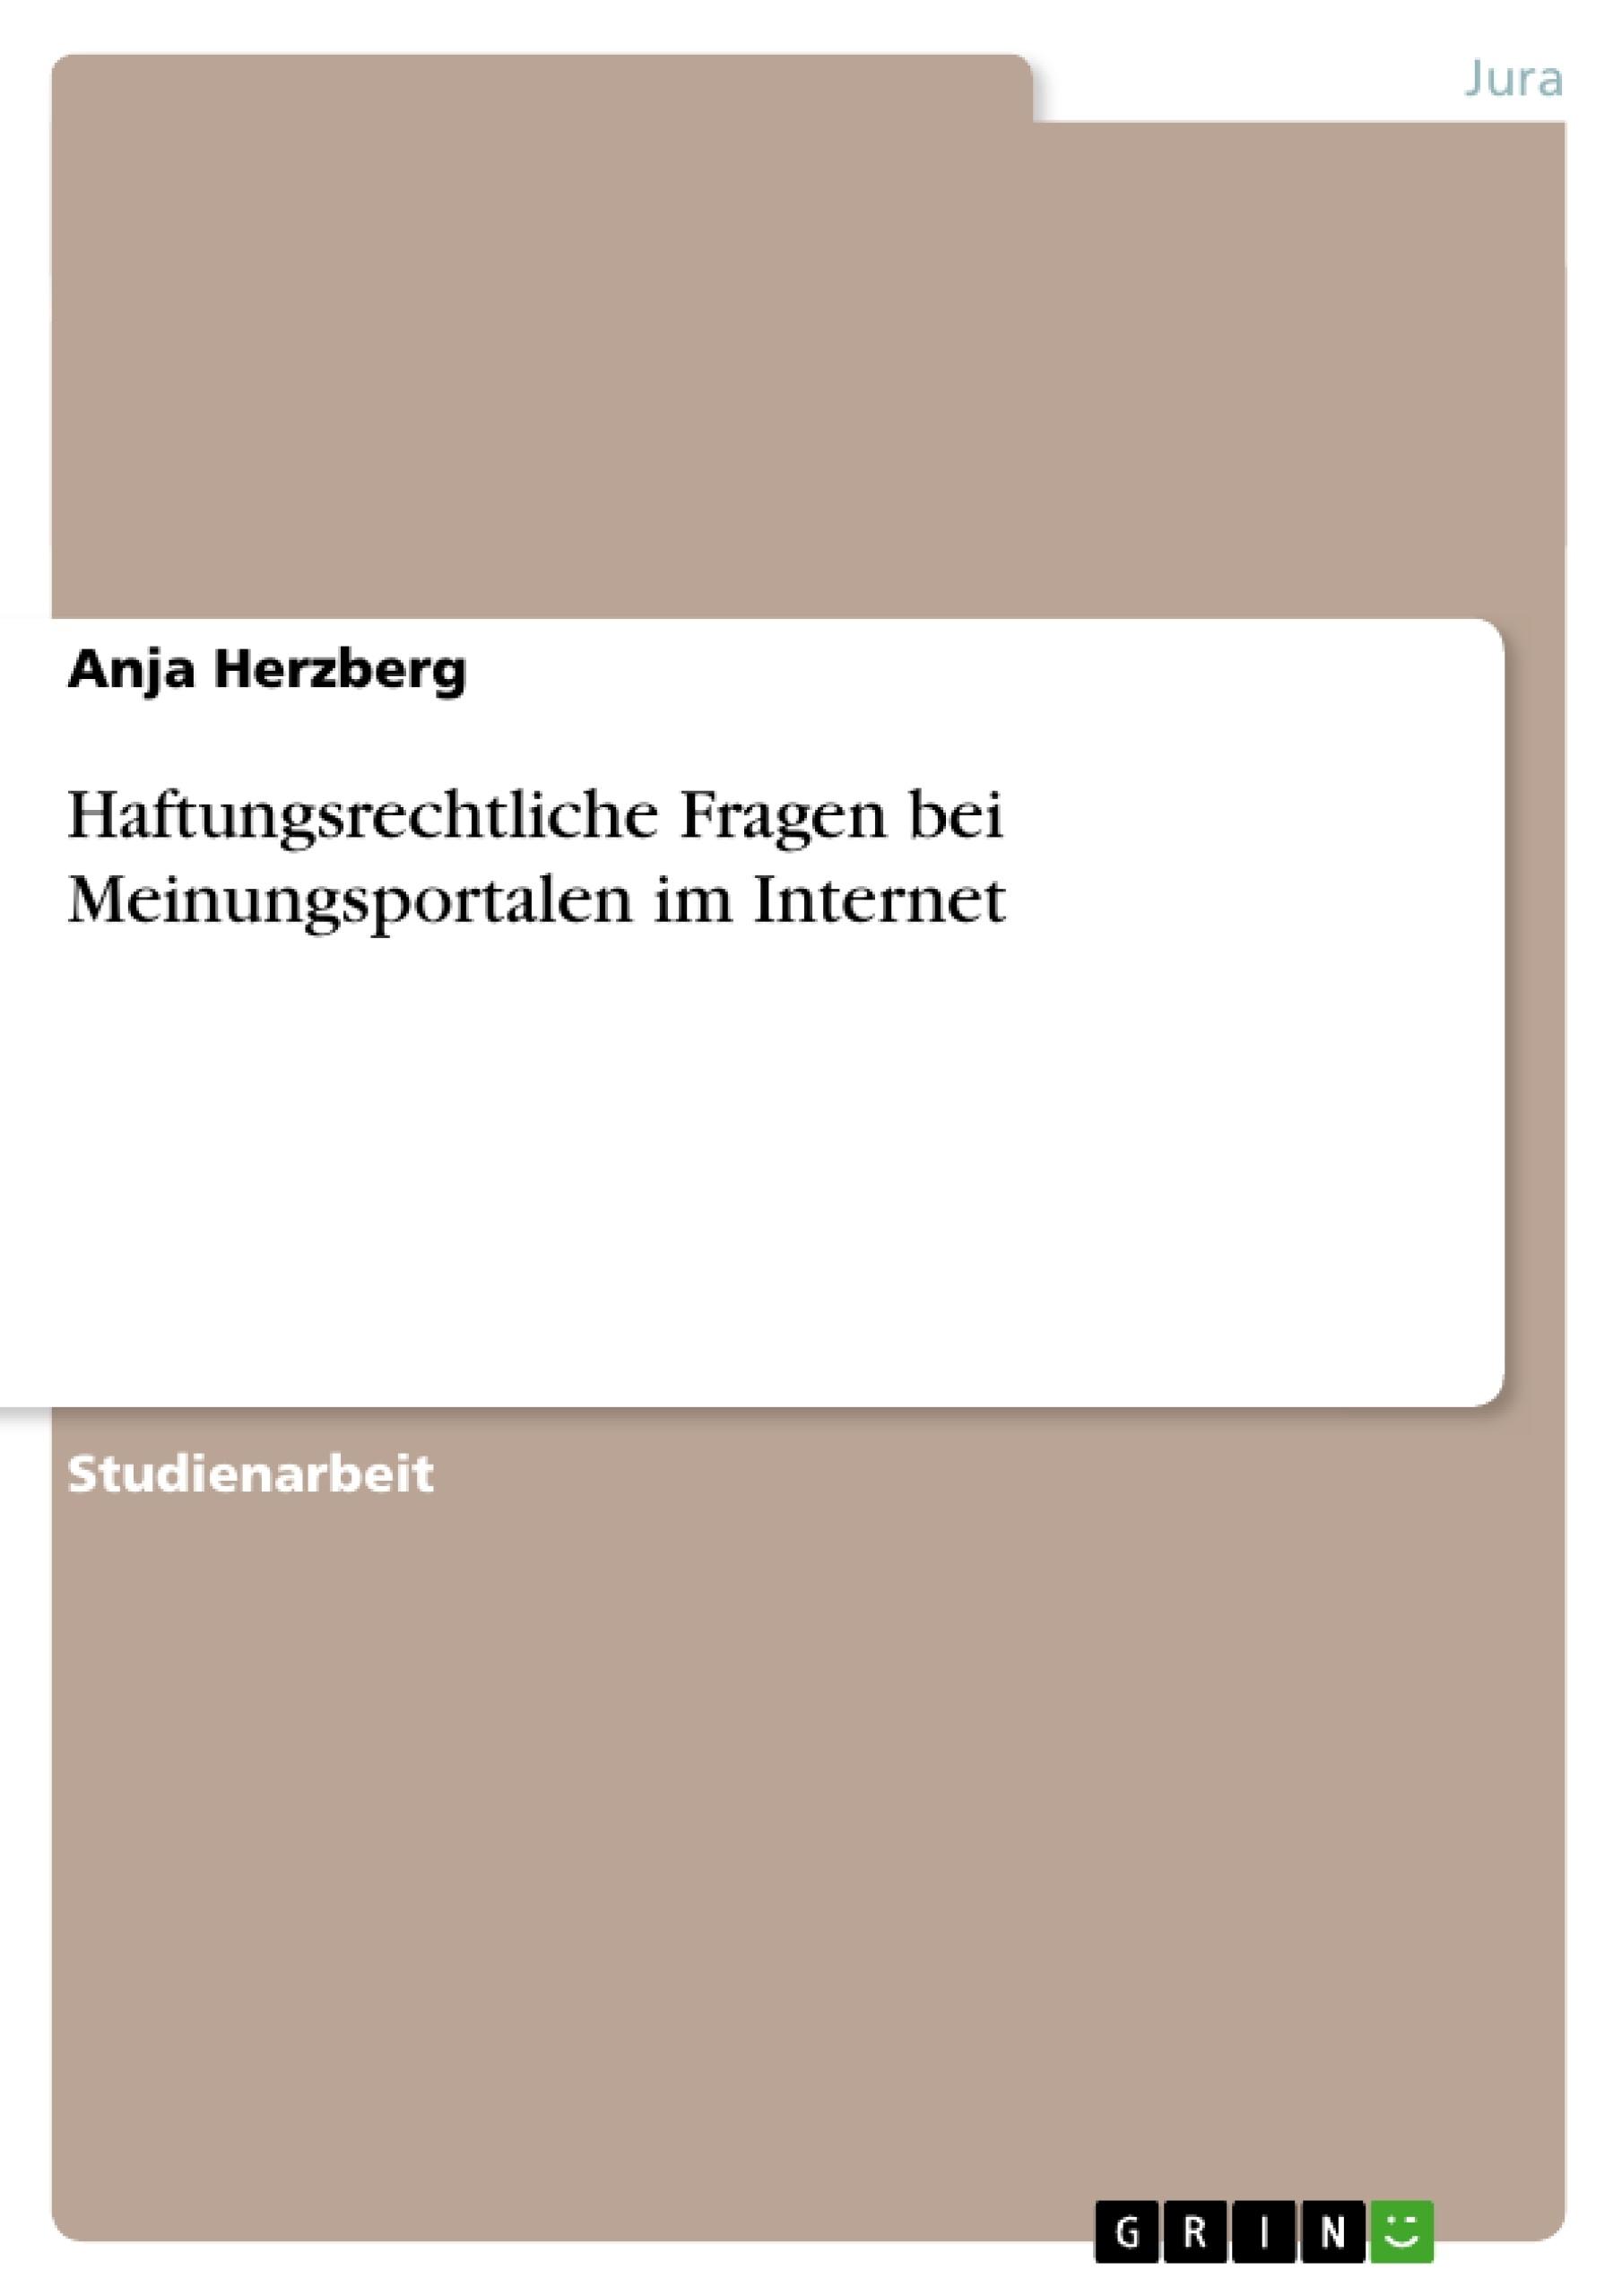 Titel: Haftungsrechtliche Fragen bei Meinungsportalen im Internet